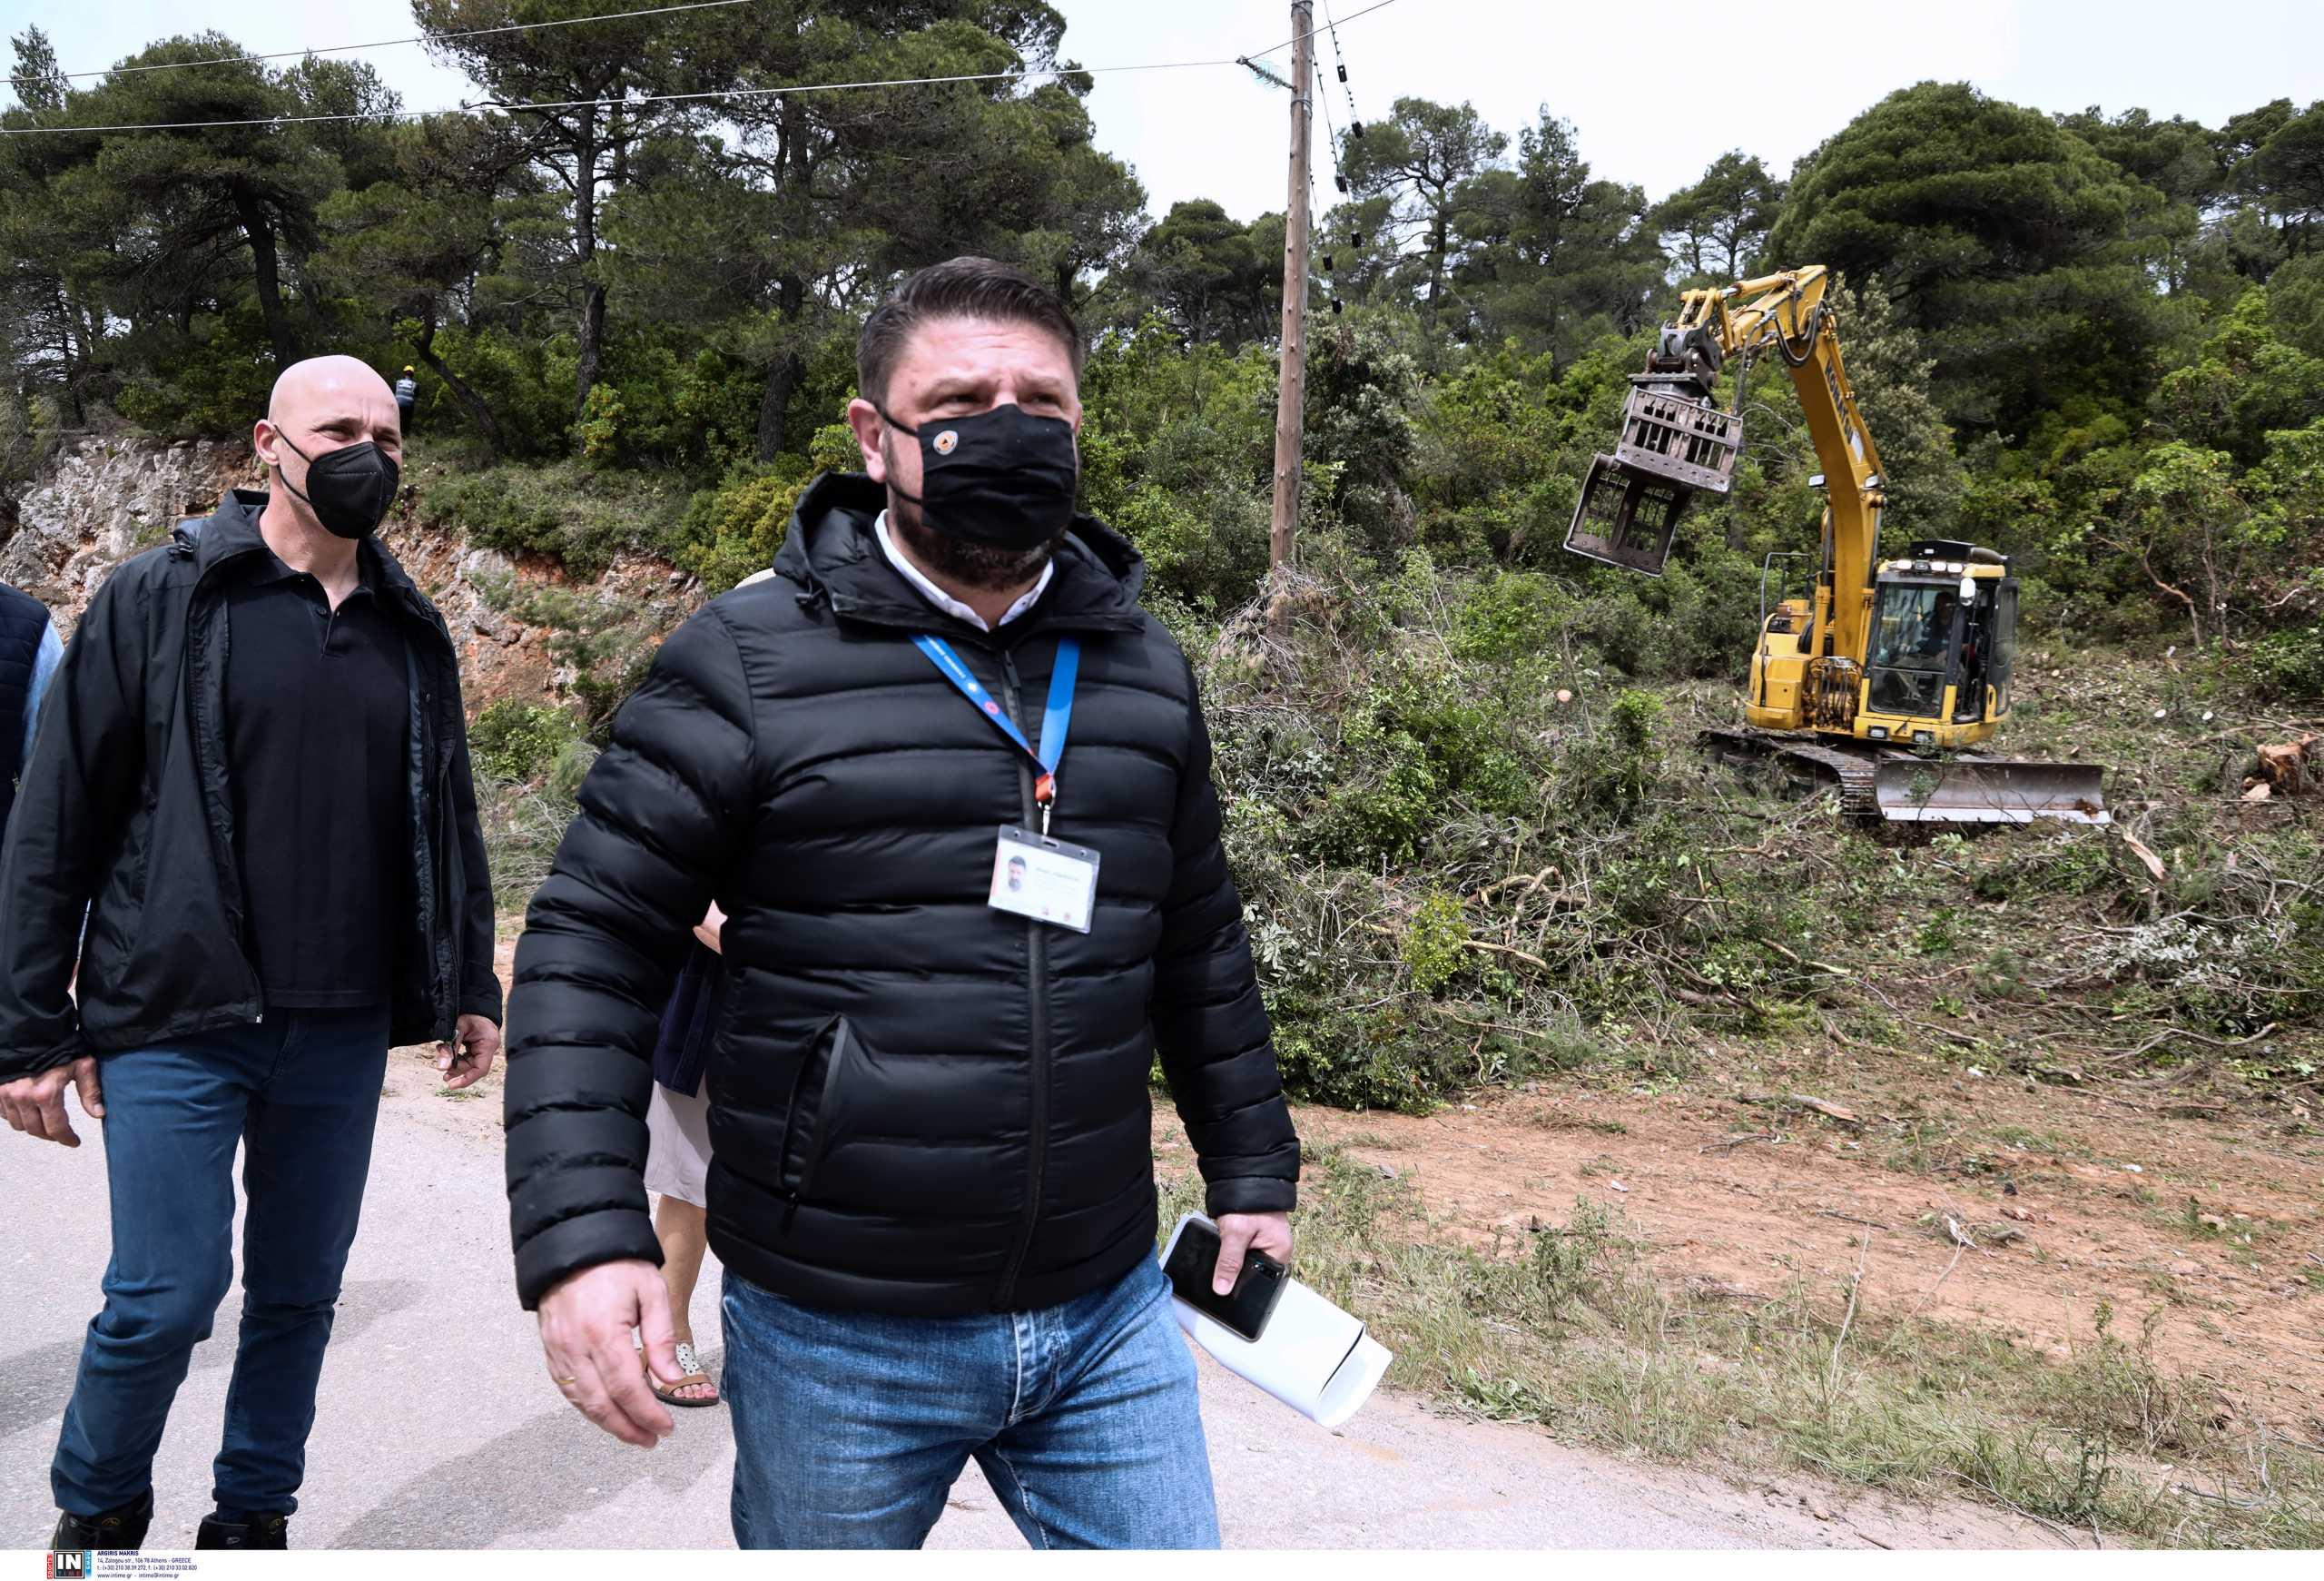 Αυτοψία Χαρδαλιά στην Ιπποκράτειο Πολιτεία για την πρόληψη των πυρκαγιών (pics)